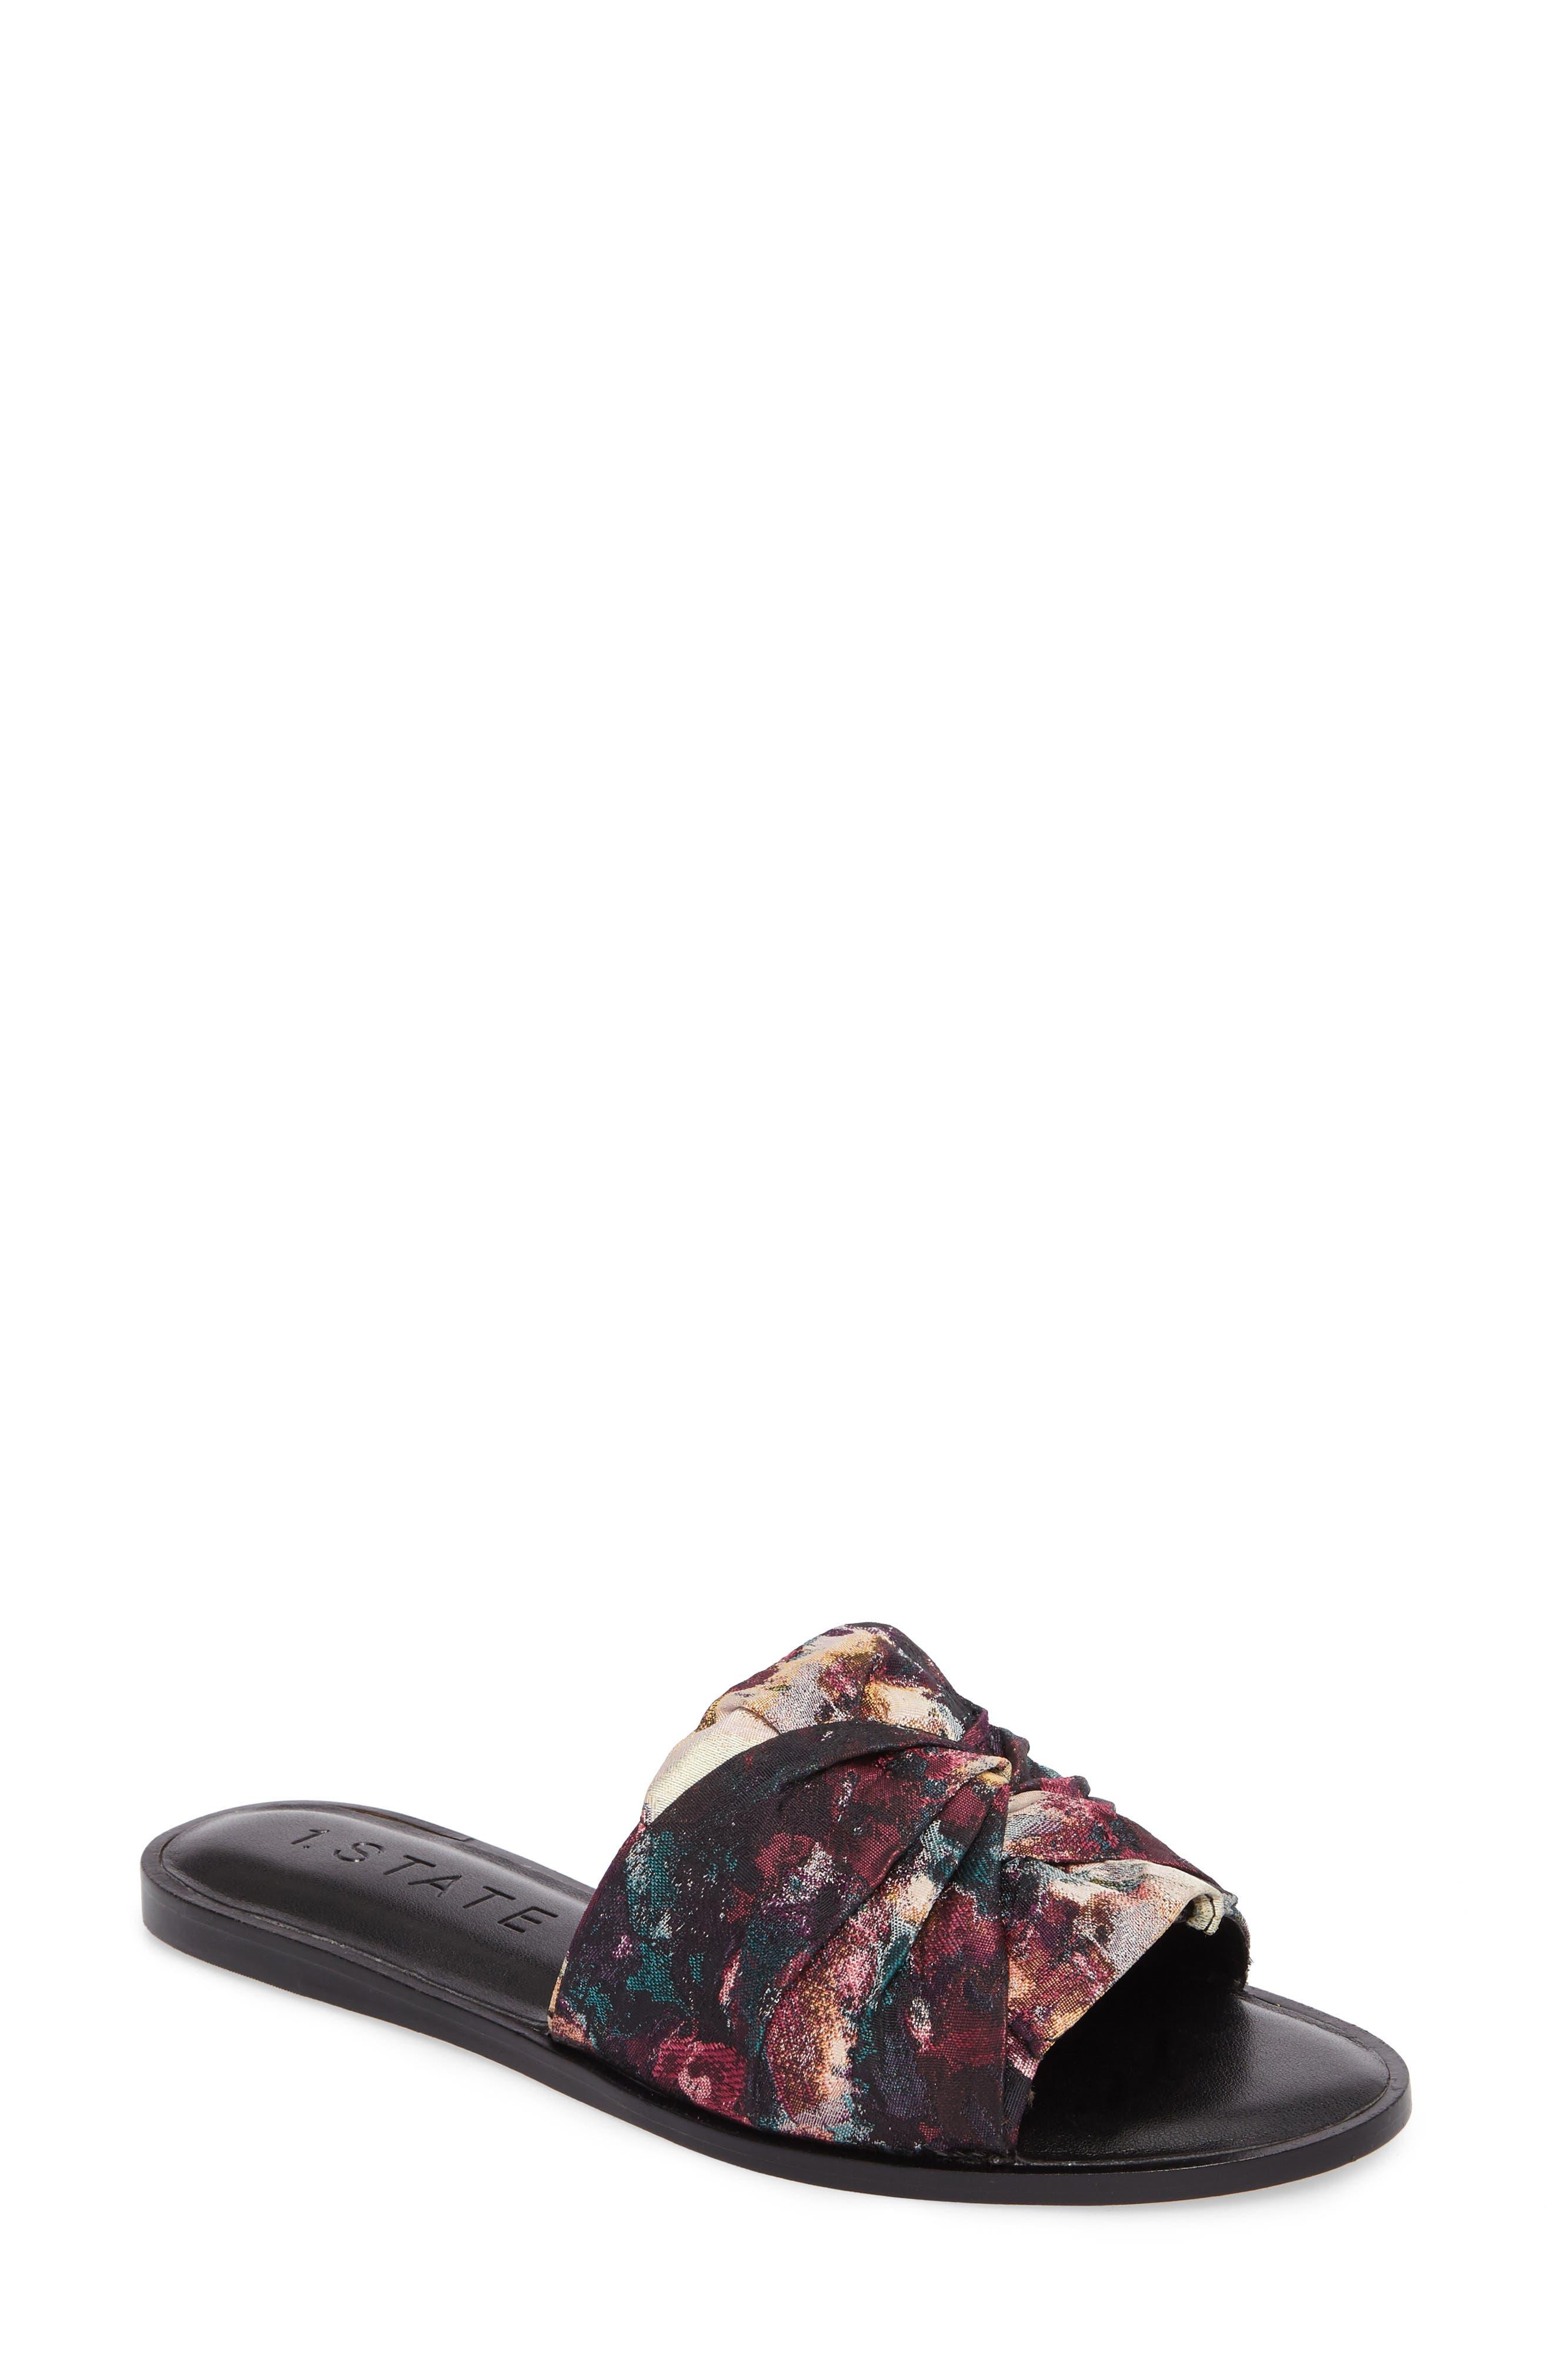 Chevonn Slide Sandal,                             Main thumbnail 1, color,                             001